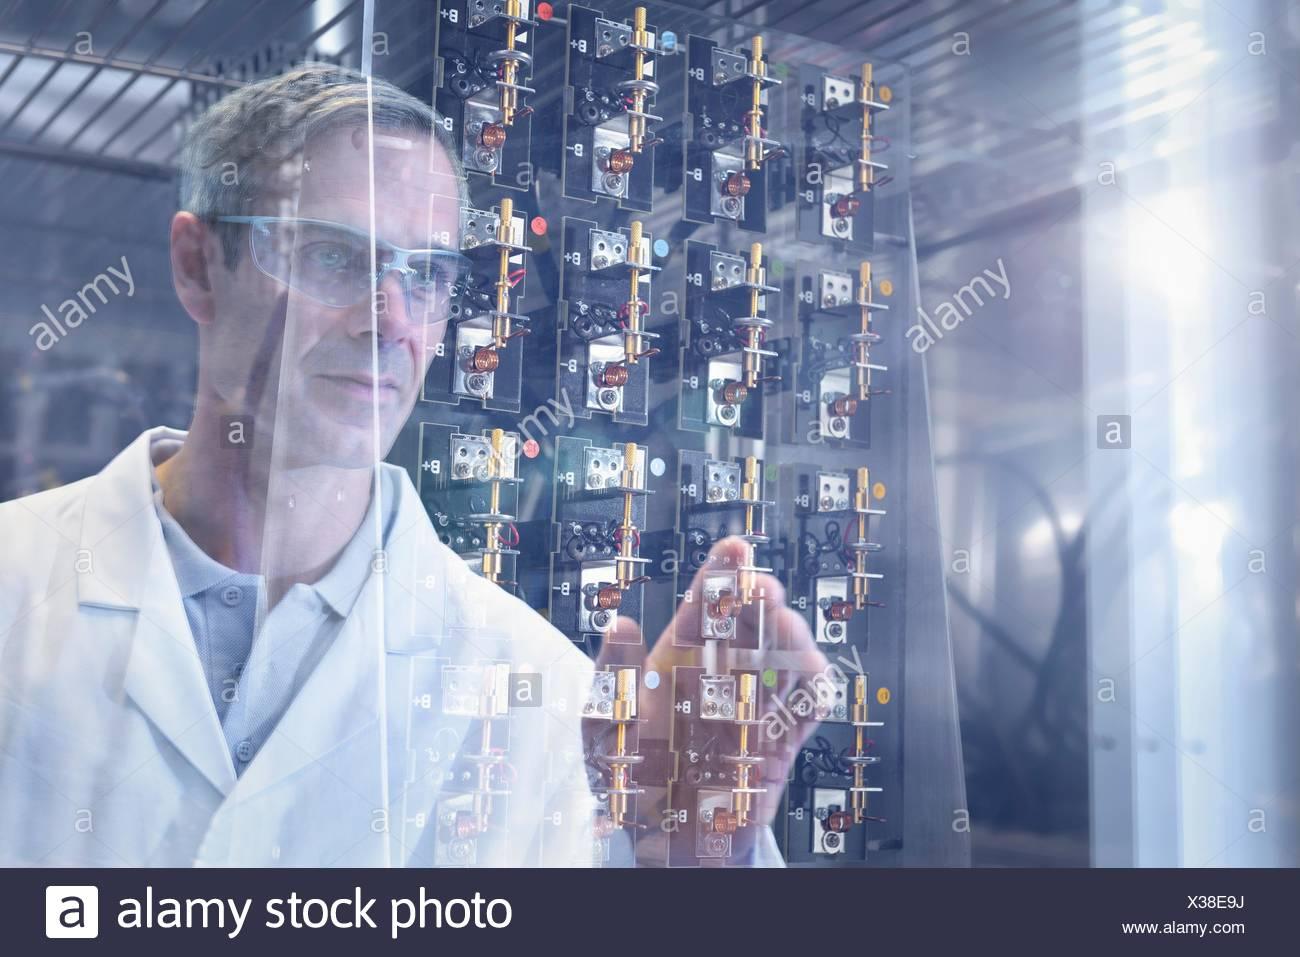 Test scientifique l'inspection des batteries au lithium-ion dans la chambre la chaleur dans l'installation de recherche de batterie Banque D'Images